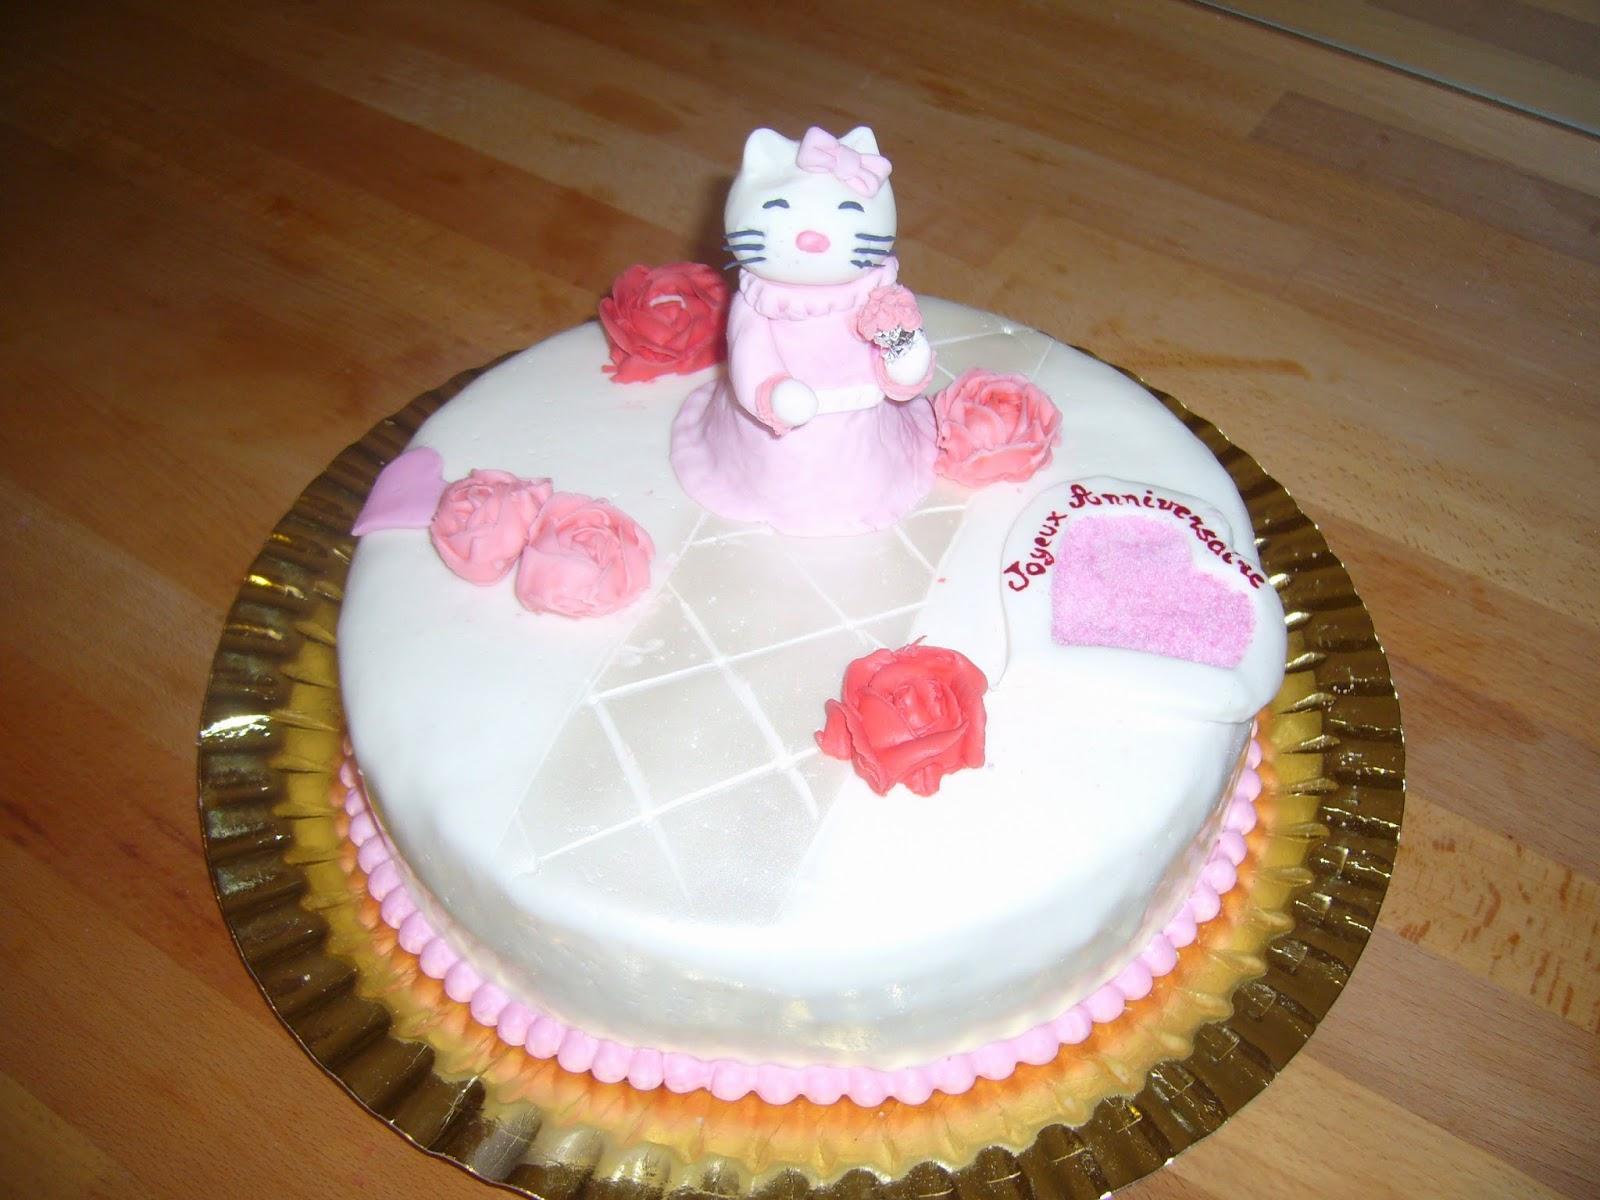 Gâteau#Kitty au bal, #sans gluten, fouré mousse à la framboise, décor #pâte à sucre.  http://mescreationsrecreations.blogspot.fr/